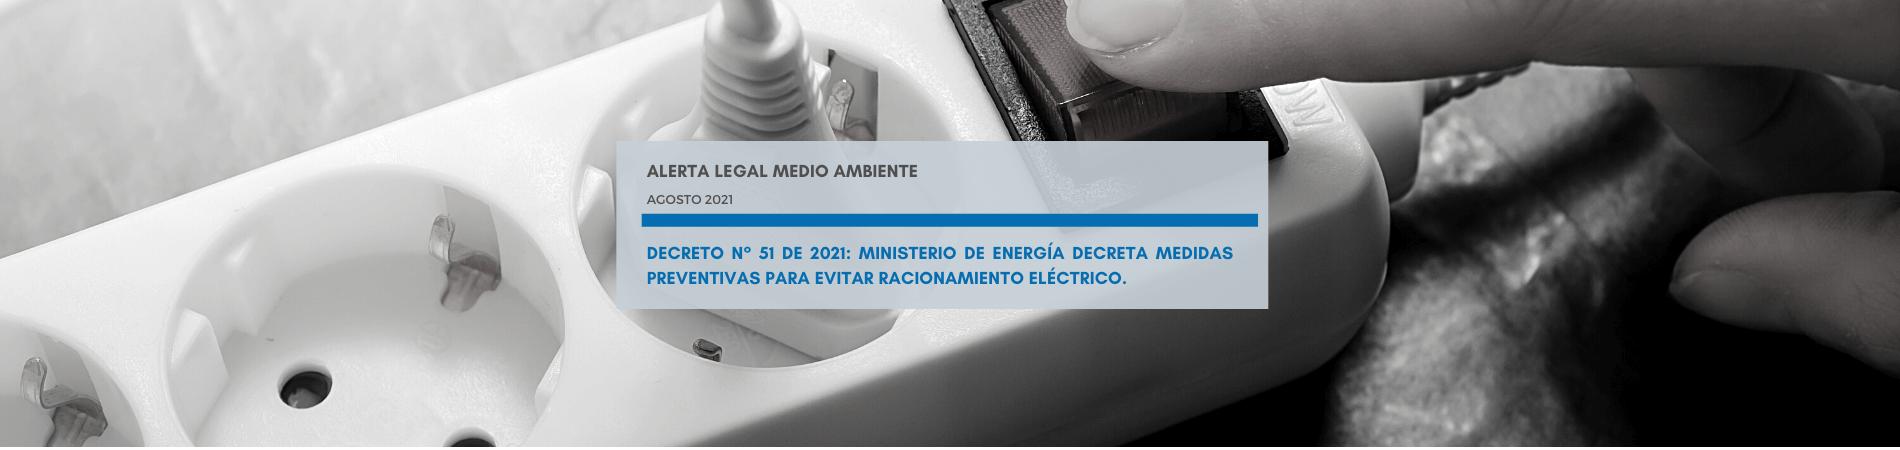 Alerta Legal | Decreto N° 51 de 2021: Ministerio de Energía decreta medidas preventivas para evitar racionamiento eléctrico